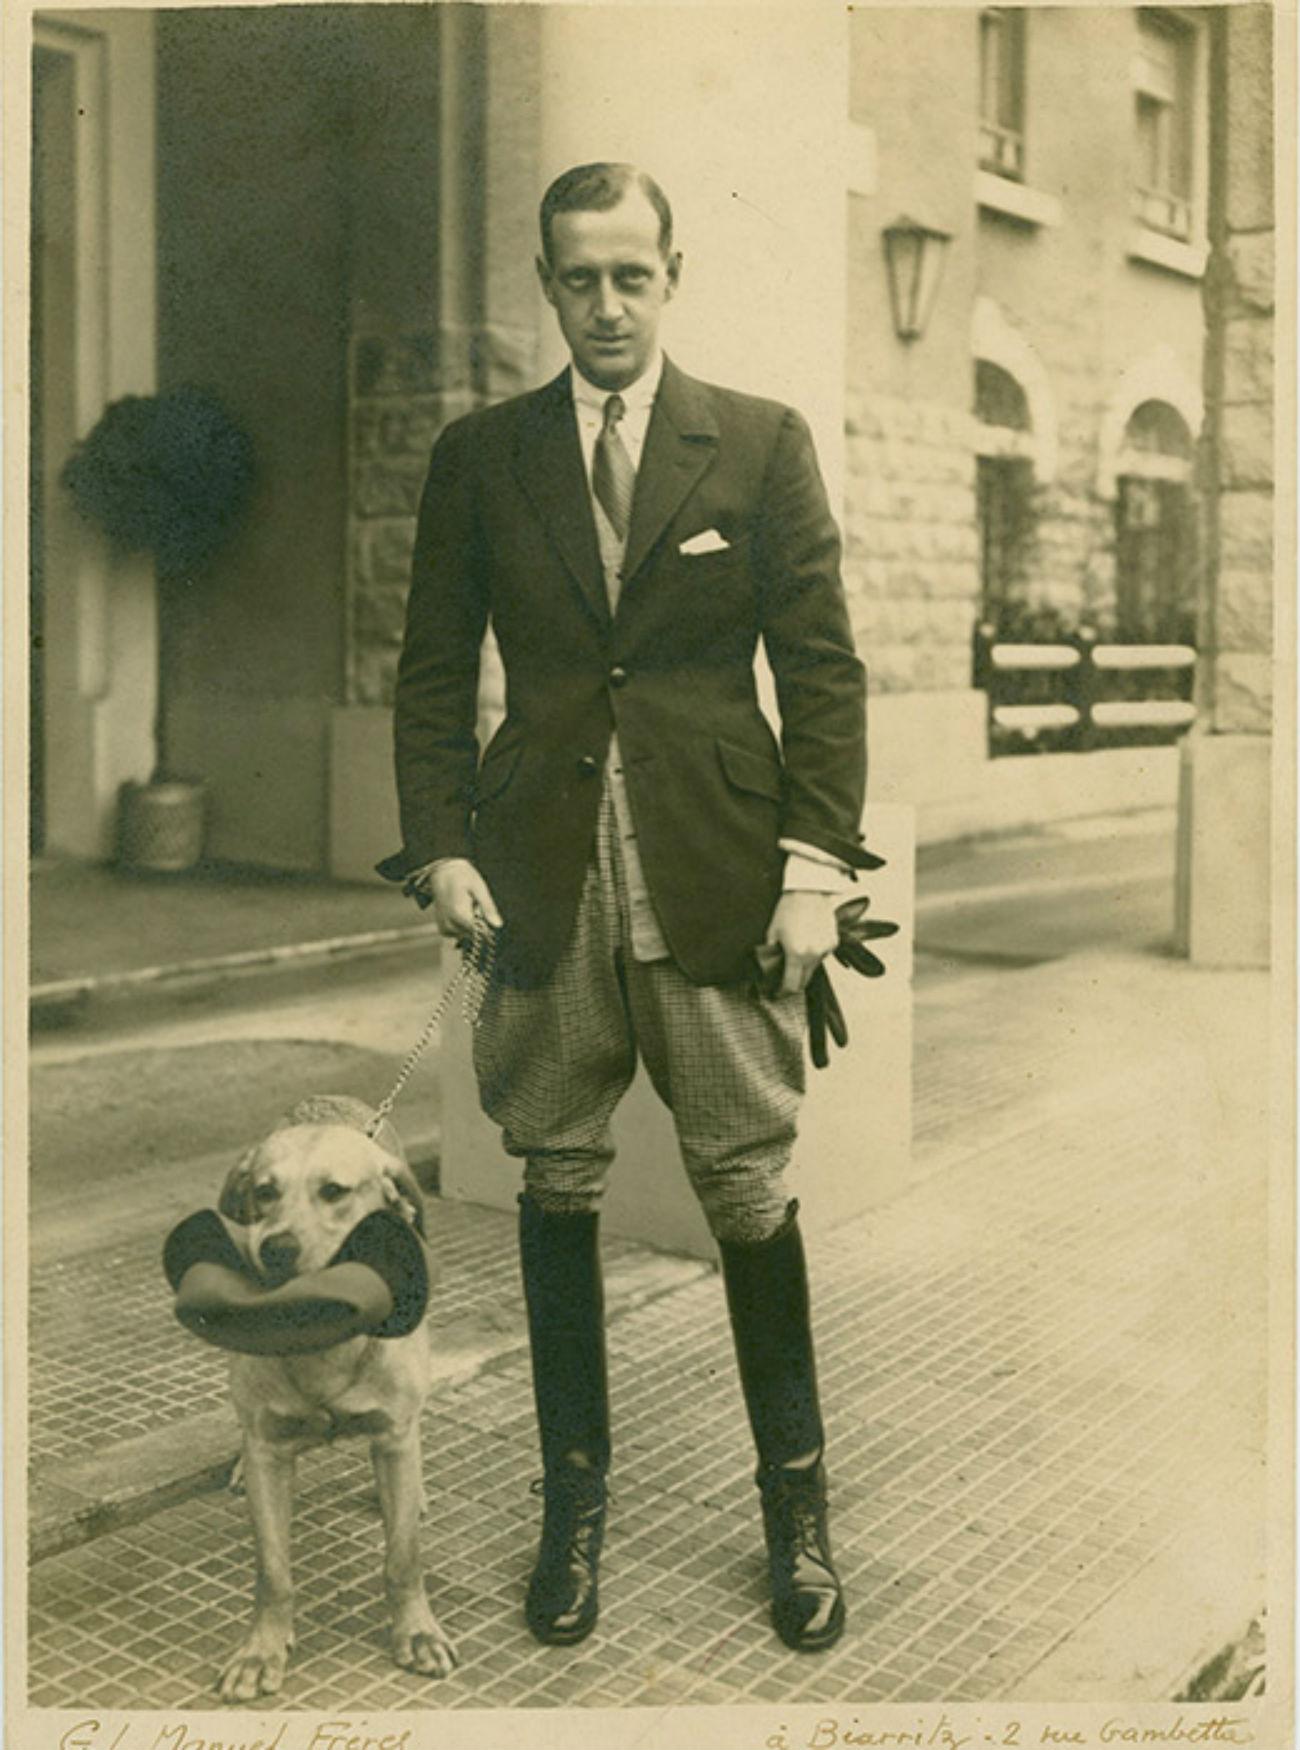 Dans les années 1920, le grand-duc Dimitri est venu plus d'une fois à Biarritz avec Coco Chanel. Leur histoire d'amour a duré à peine un an, mais ils sont restés bons amis jusqu'à la mort de Dimitri. C'est en effet Dimitri qui a présenté la grande couturière française aux personnalités du monde des arts, notamment à Ernest Beaux, le créateur du célèbre parfum Nᵒ5. C'est à Biarritz qu'il a épousé en 1926 Audrey Emery, la fille du millionnaire américain John Josiah Emery.